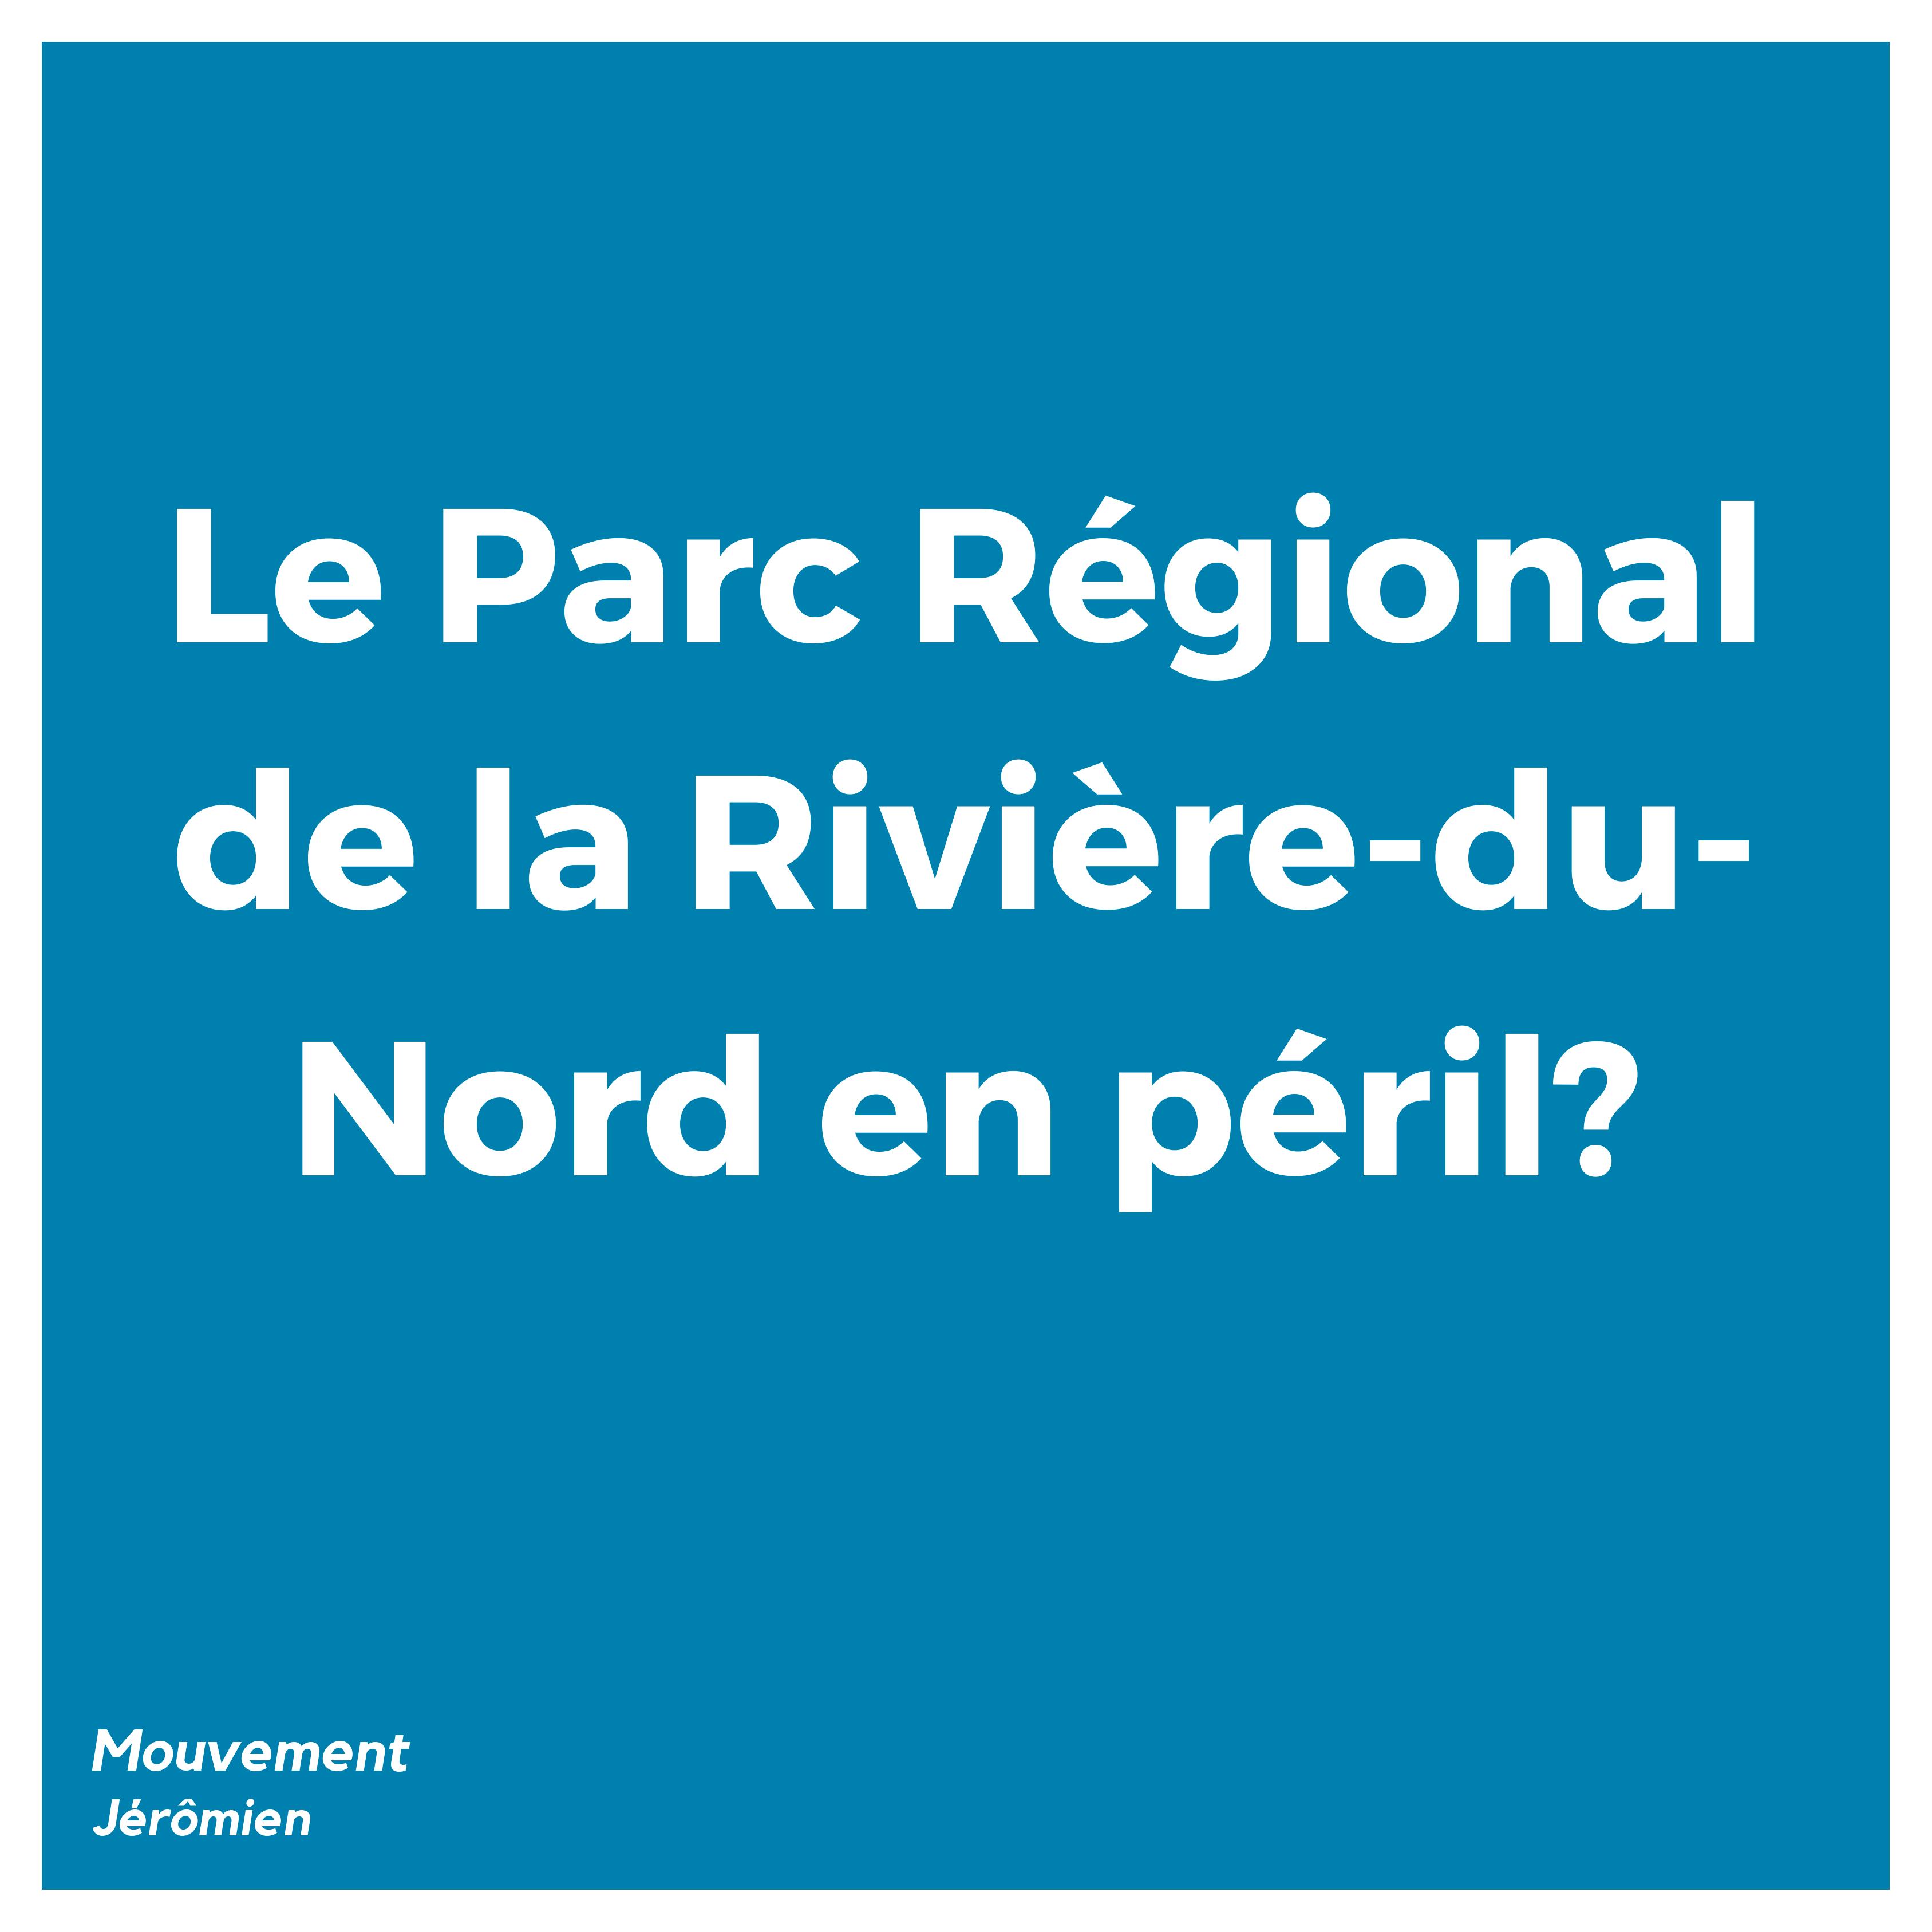 Le Parc Régional de la Rivière-du-Nord en péril? - Mouvement Jérômien